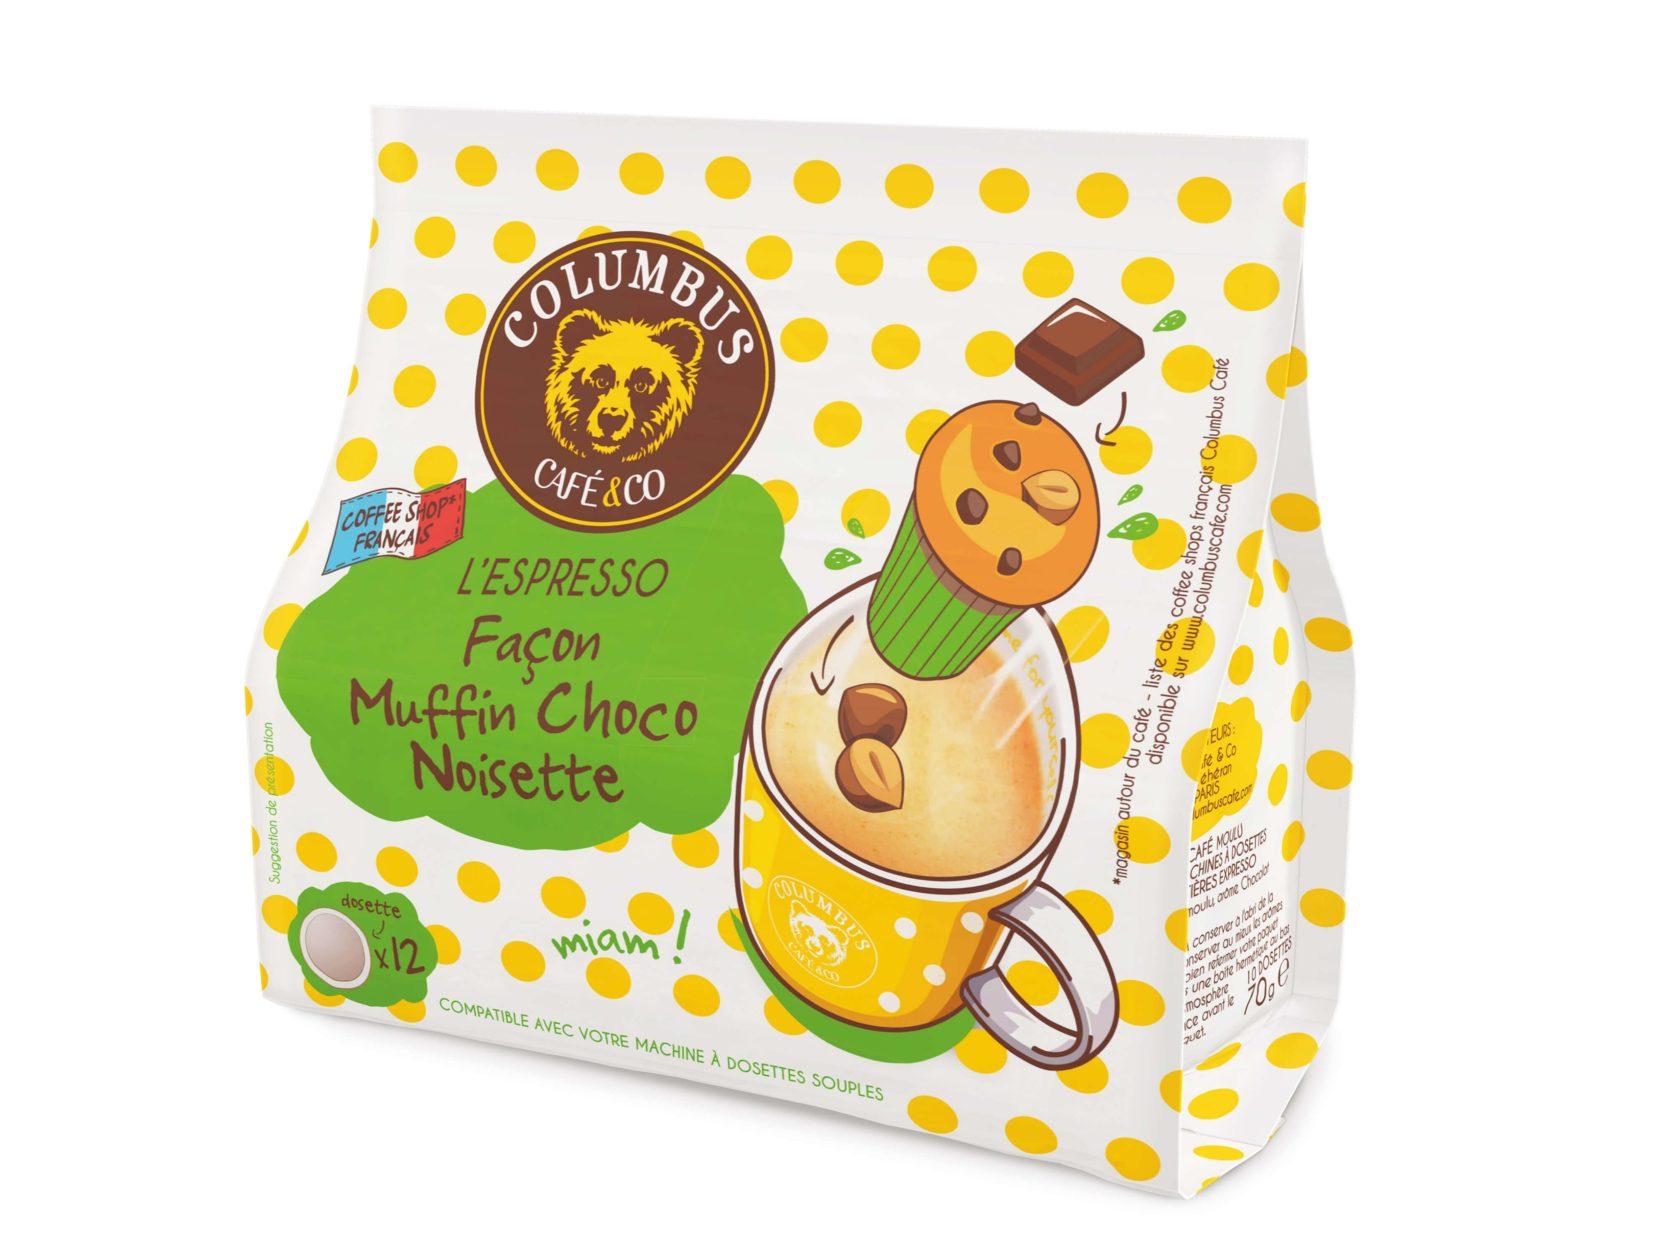 L'Espresso façon Muffin Choco noisette Senseo® x 12